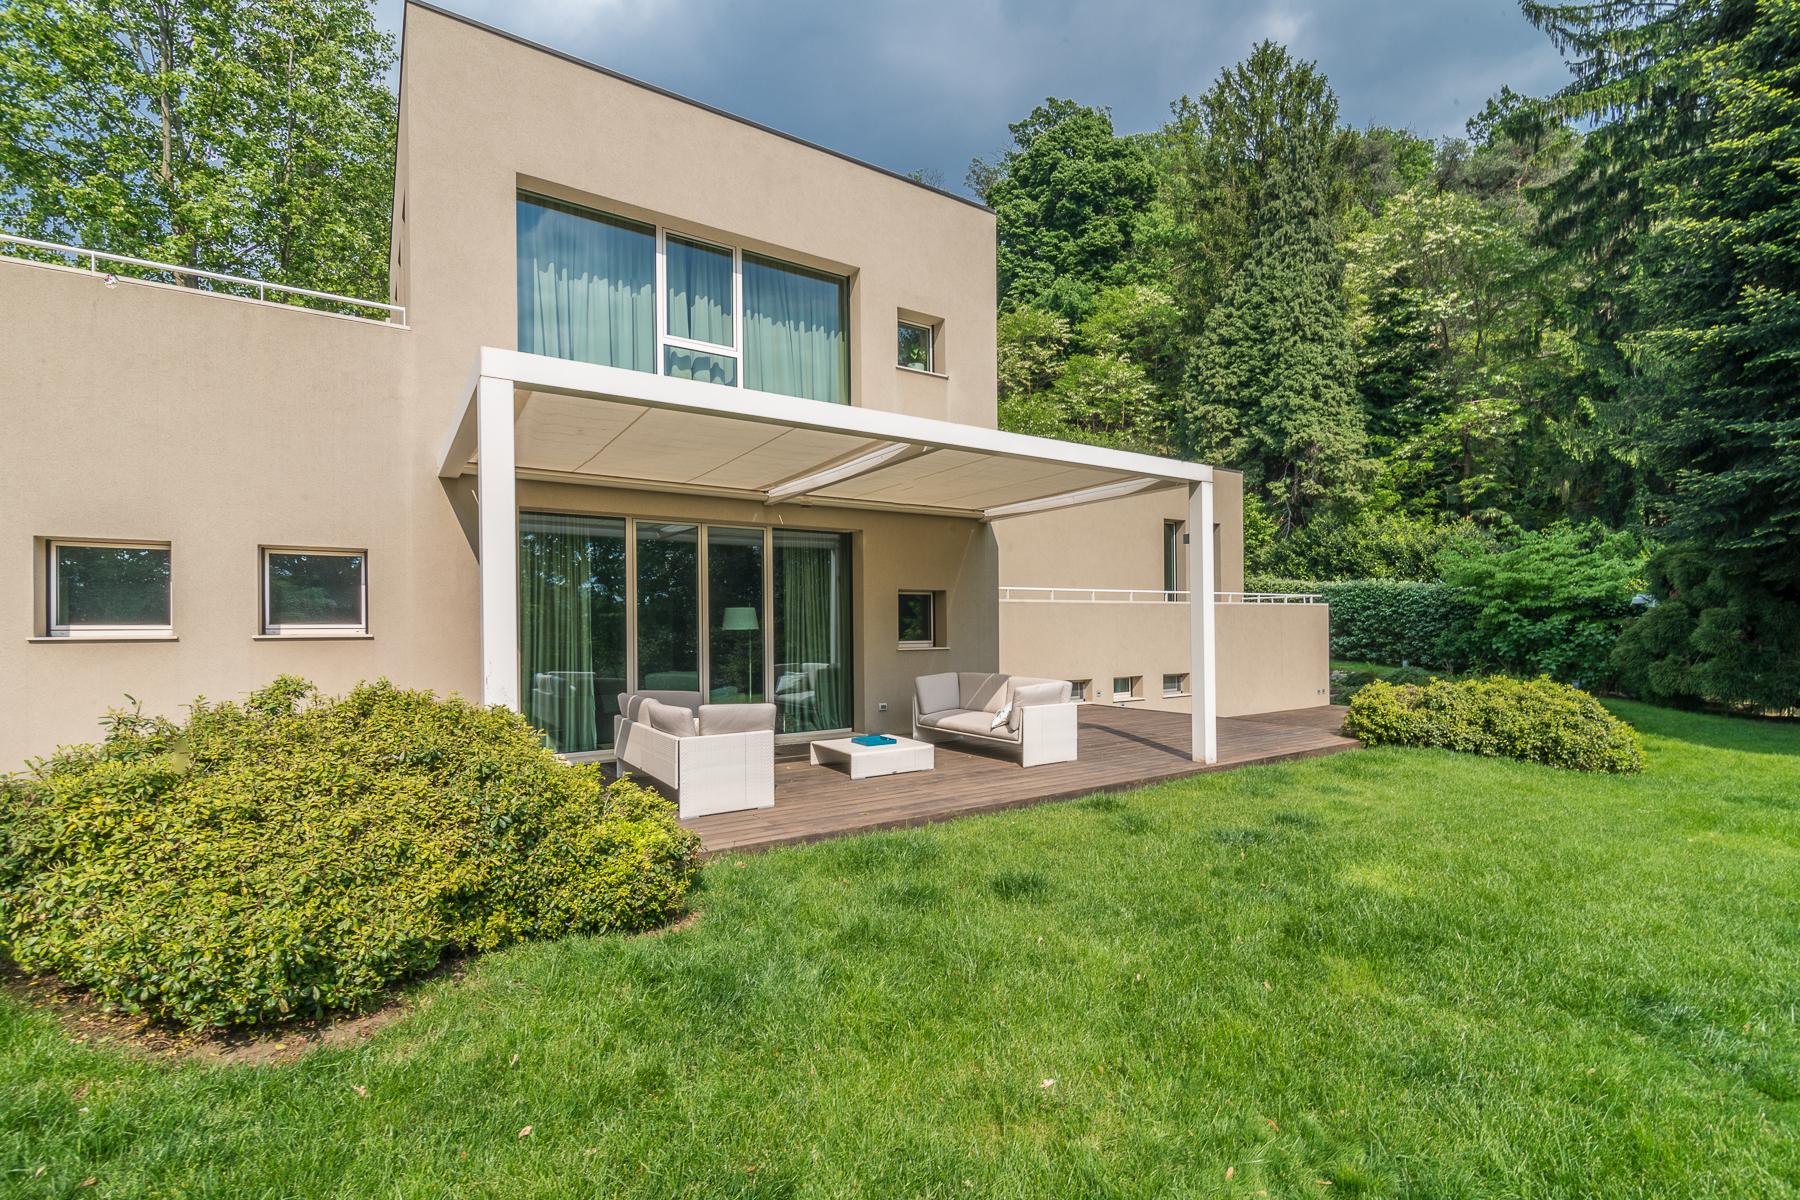 Villa in Vendita a Angera: 5 locali, 460 mq - Foto 7